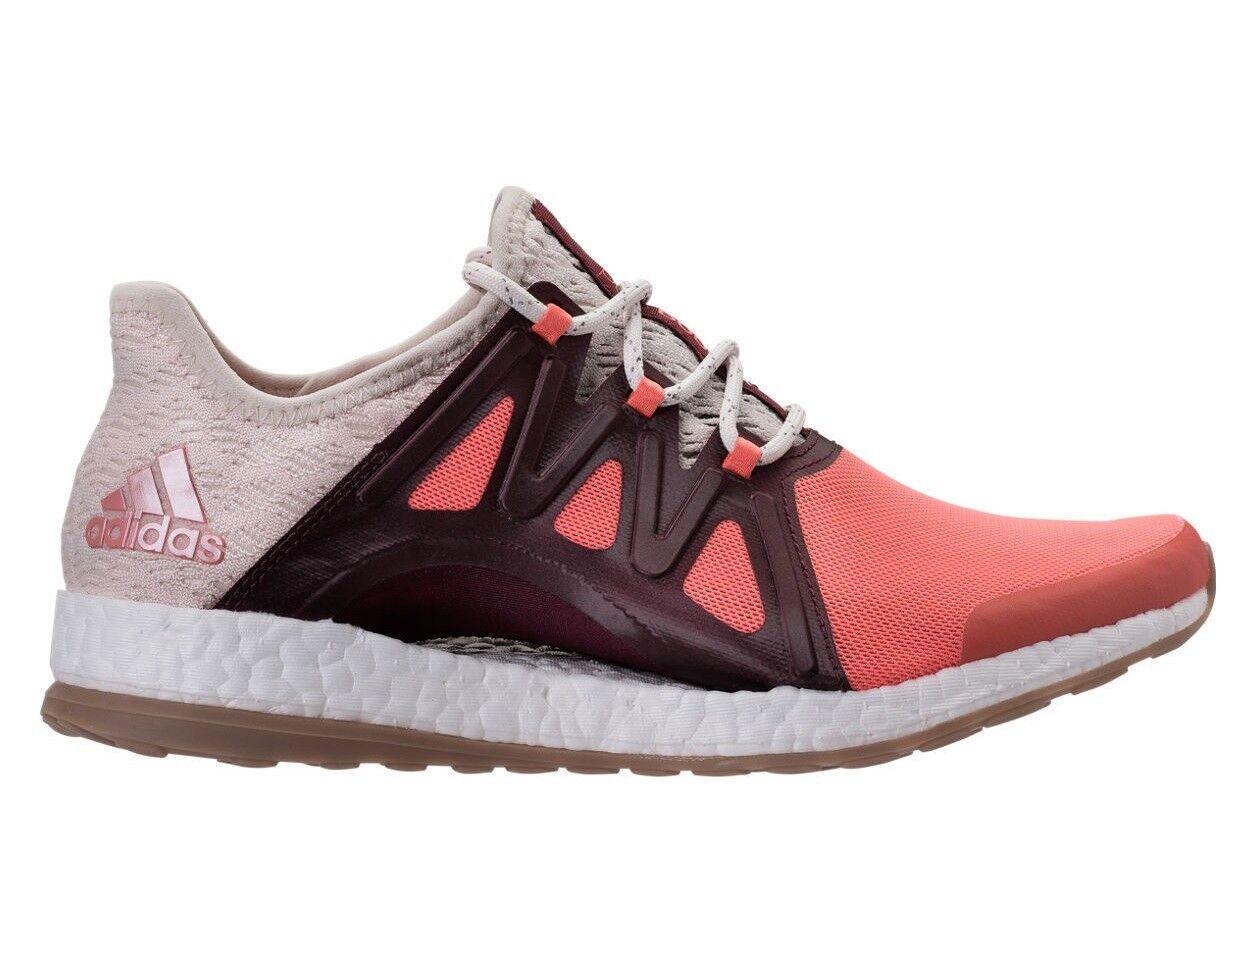 Adidas Pure Pure Adidas Boost XPOSE Mujer bb1739 coral ropa zapatillas confortables granate modelo mas vendido de la marca 9cc5e5